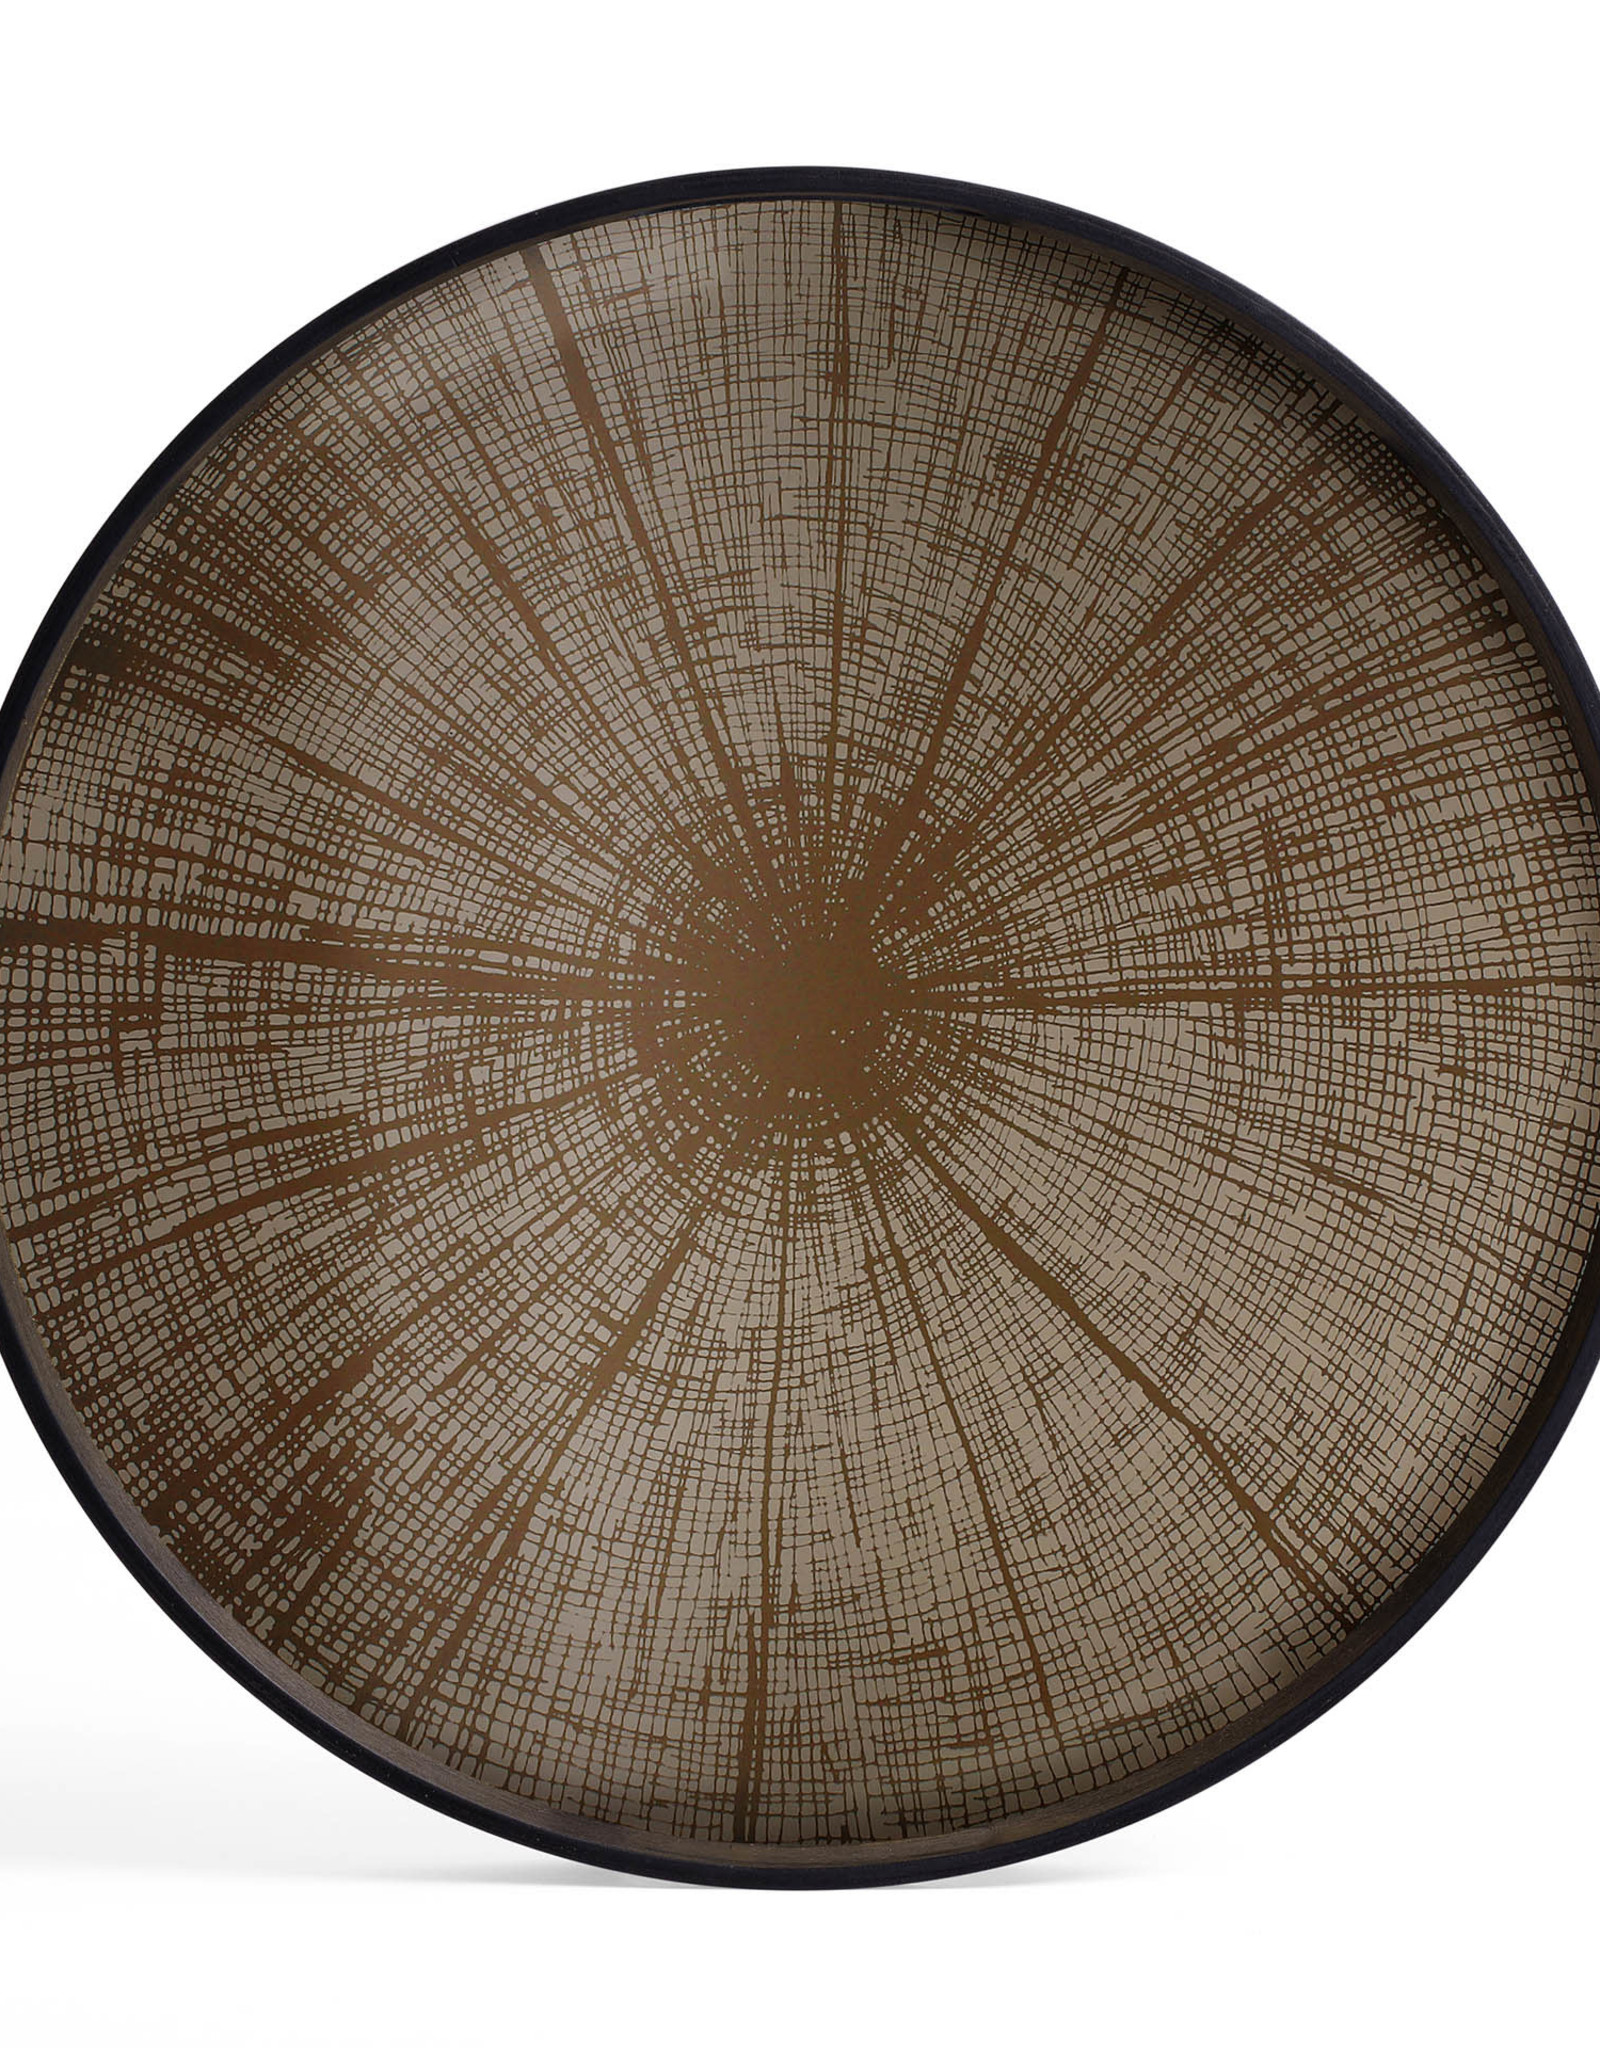 Bronze Slice mirror tray - not aged - round - L 24 x 24 x 2